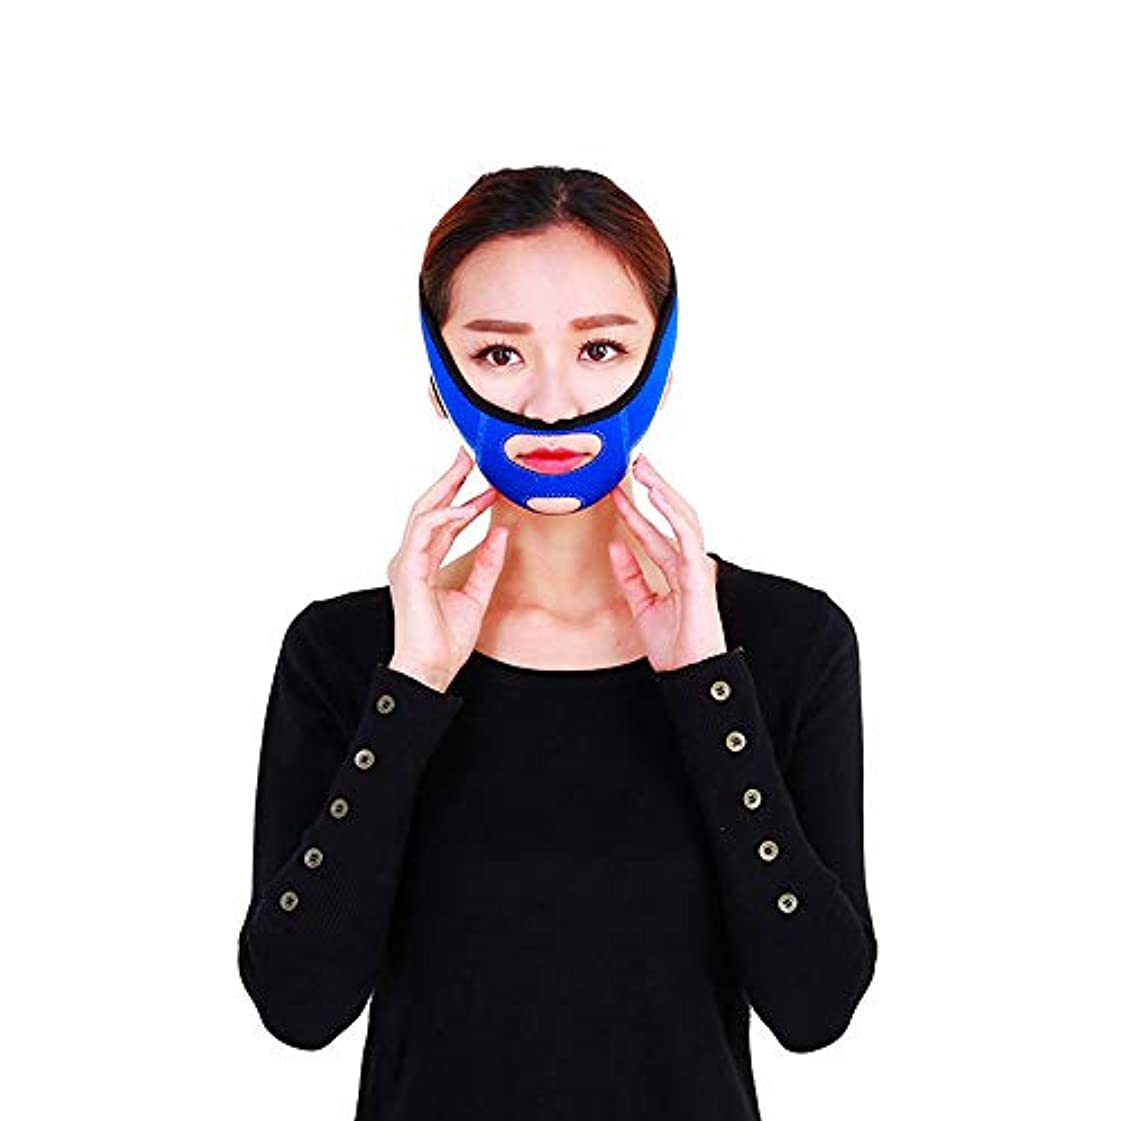 傾いた六電卓XINGZHE フェイシャルリフティング痩身ベルトフェーススリム二重あごを取り除くアンチエイジングリンクルフェイス包帯マスク整形マスクが顔を引き締める フェイスリフティングベルト